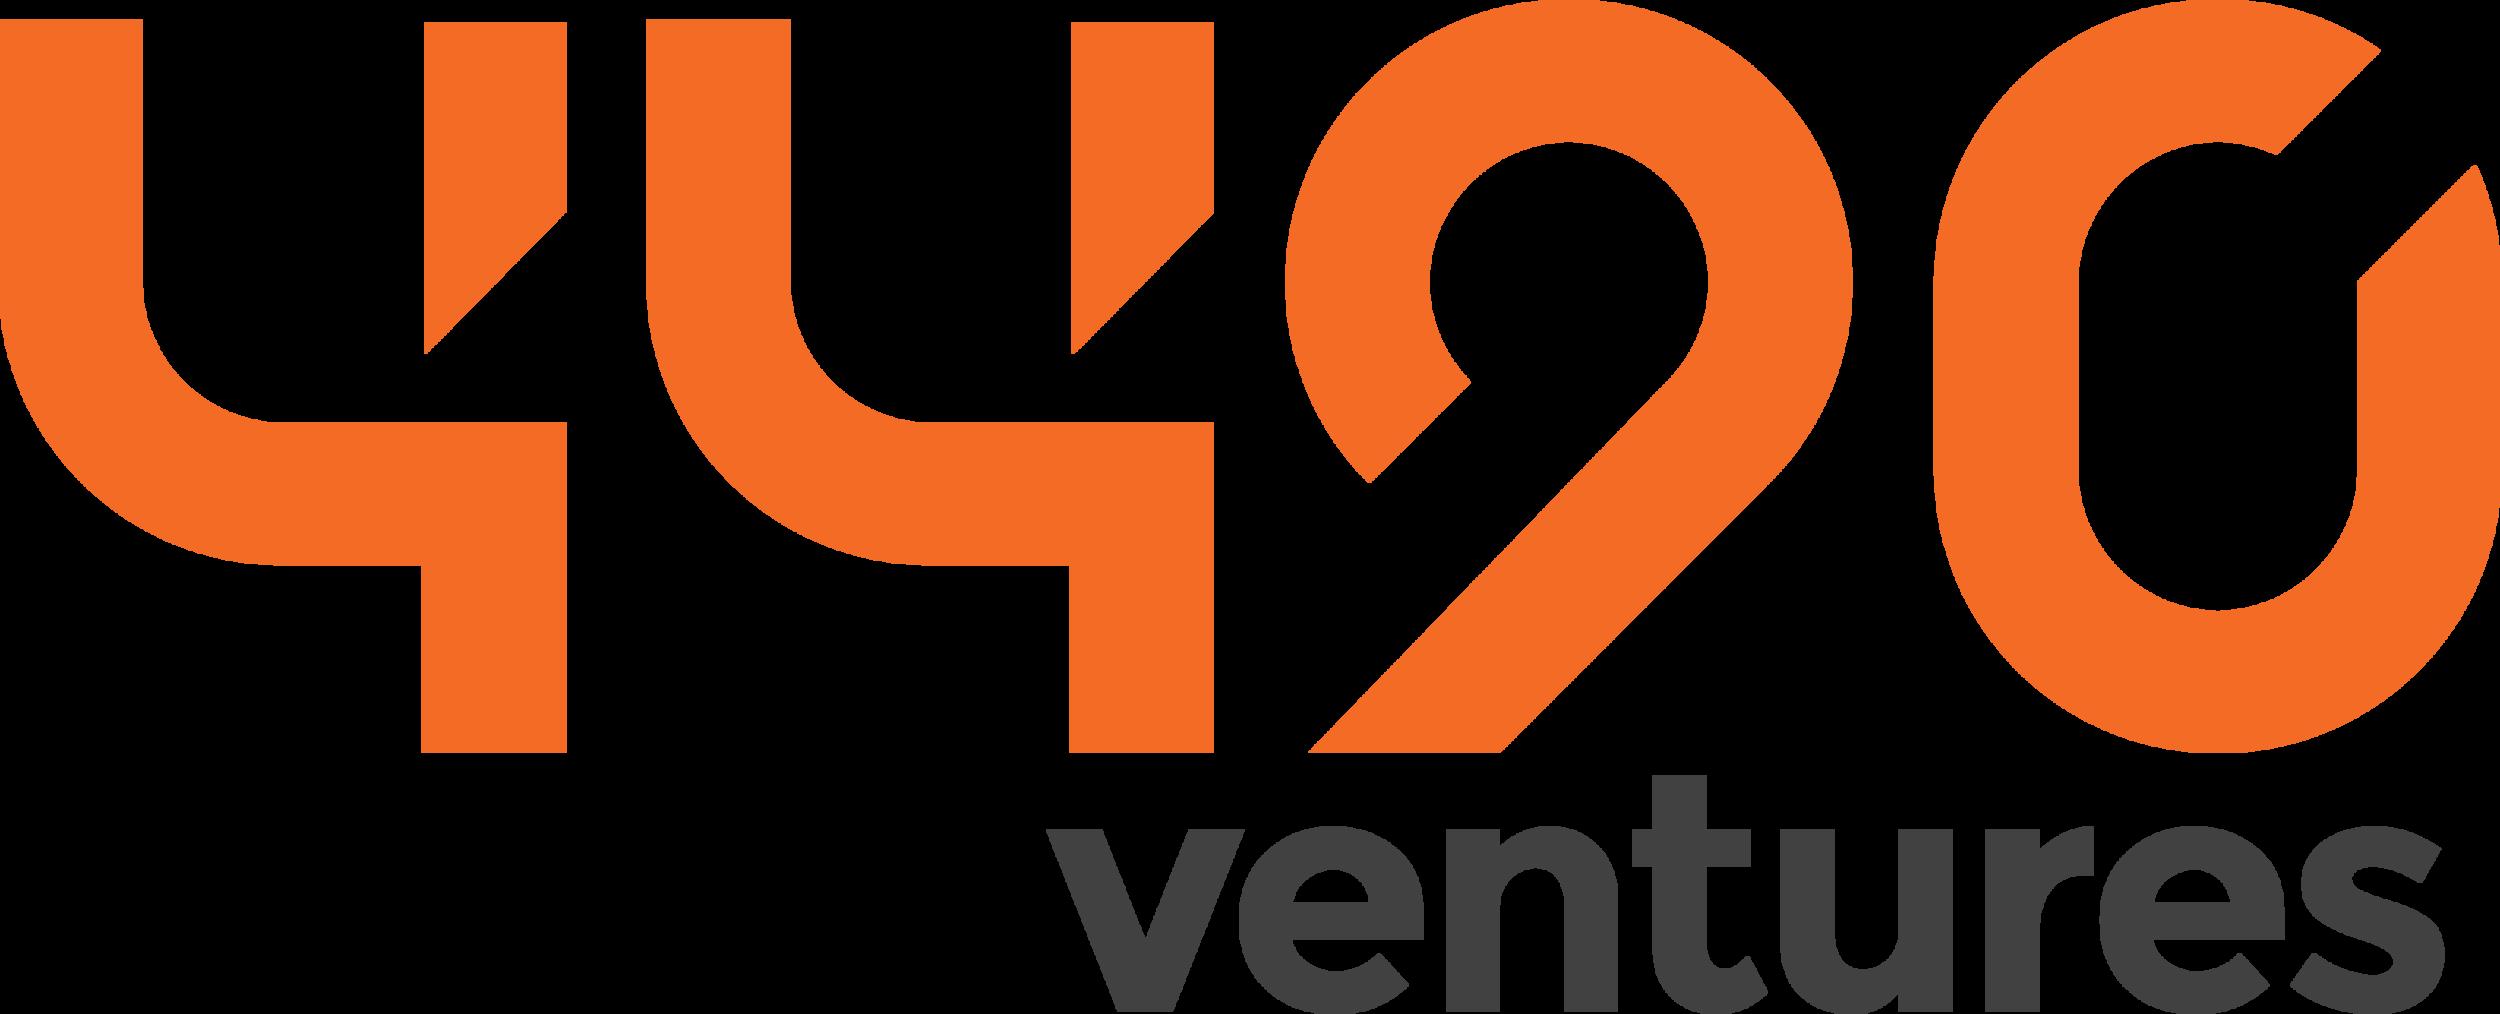 4490 Ventures.png